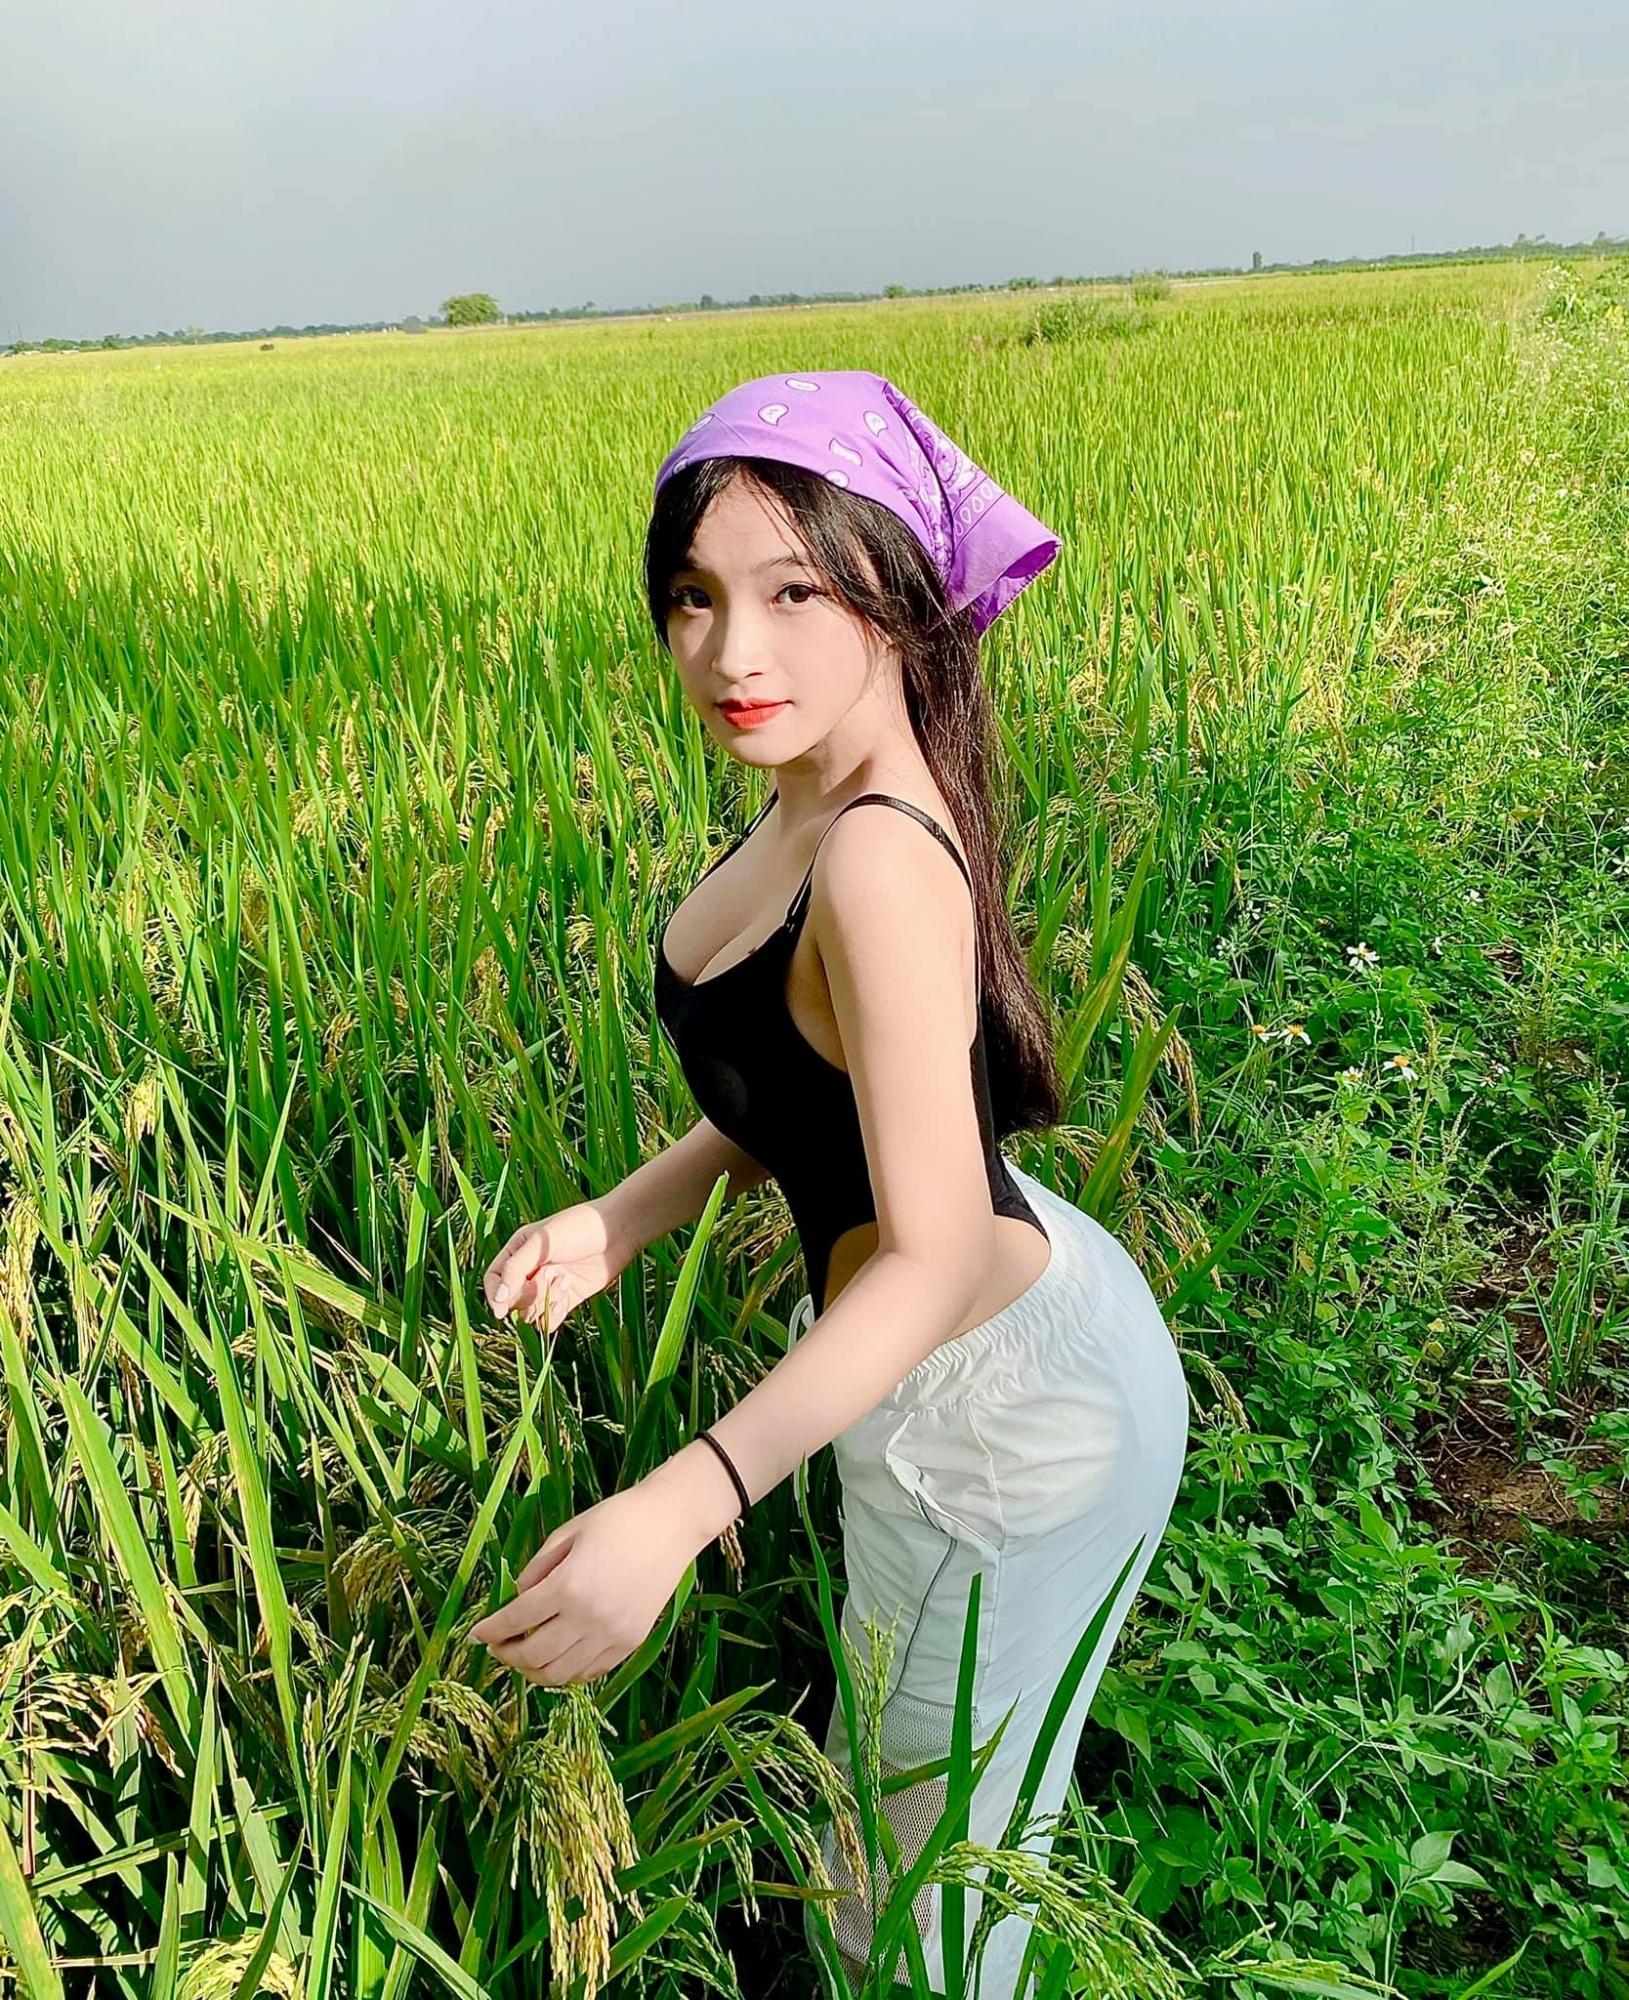 图片[21]-去年穿奥黛爆红!18 岁「越南学生妹」爆近照曝光网惊:风格变好多-福利巴士